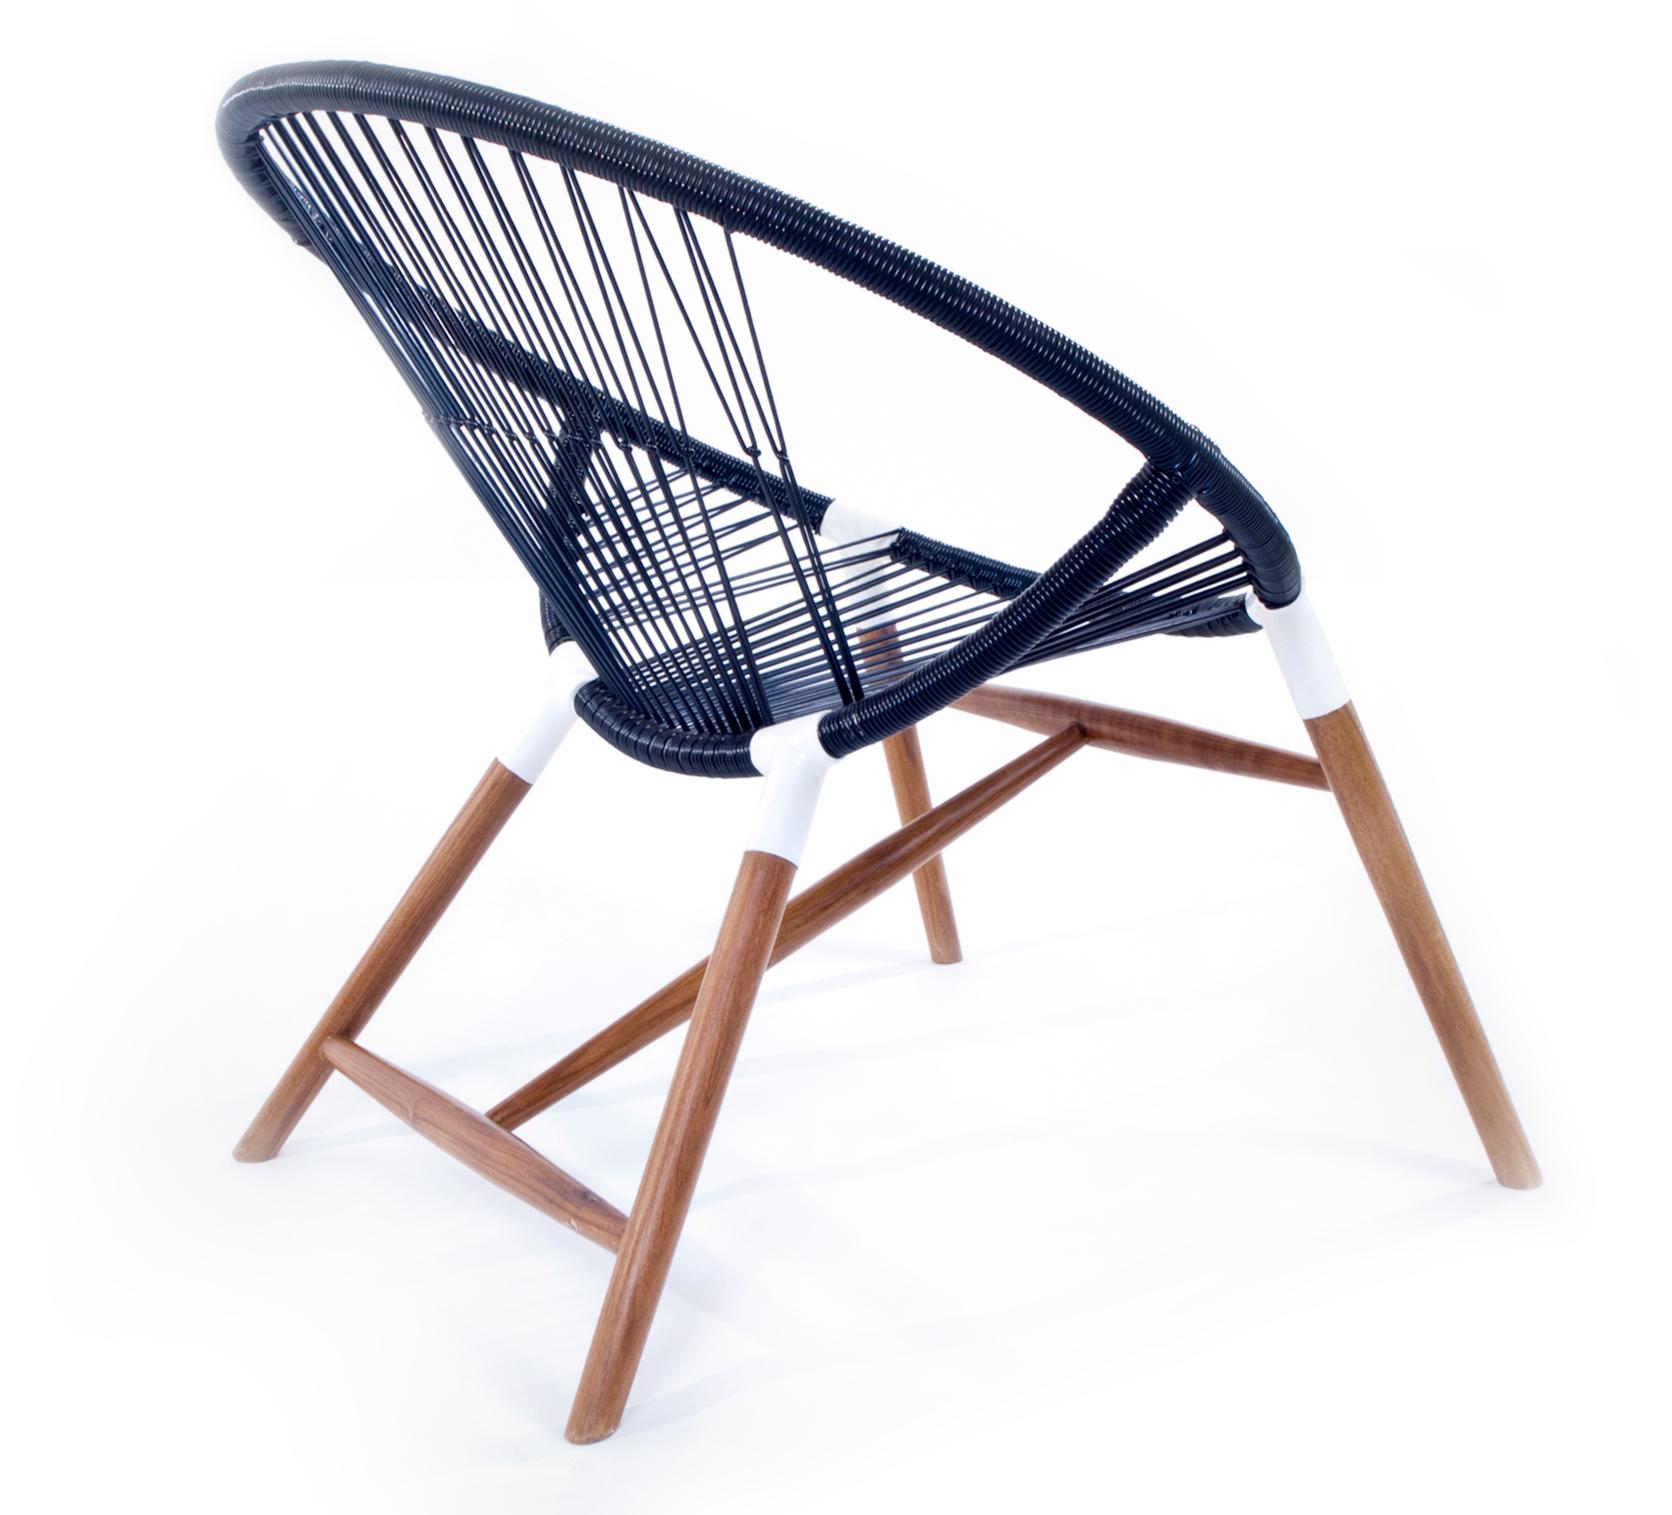 Ikono Chair by Claudia & Harry Washington